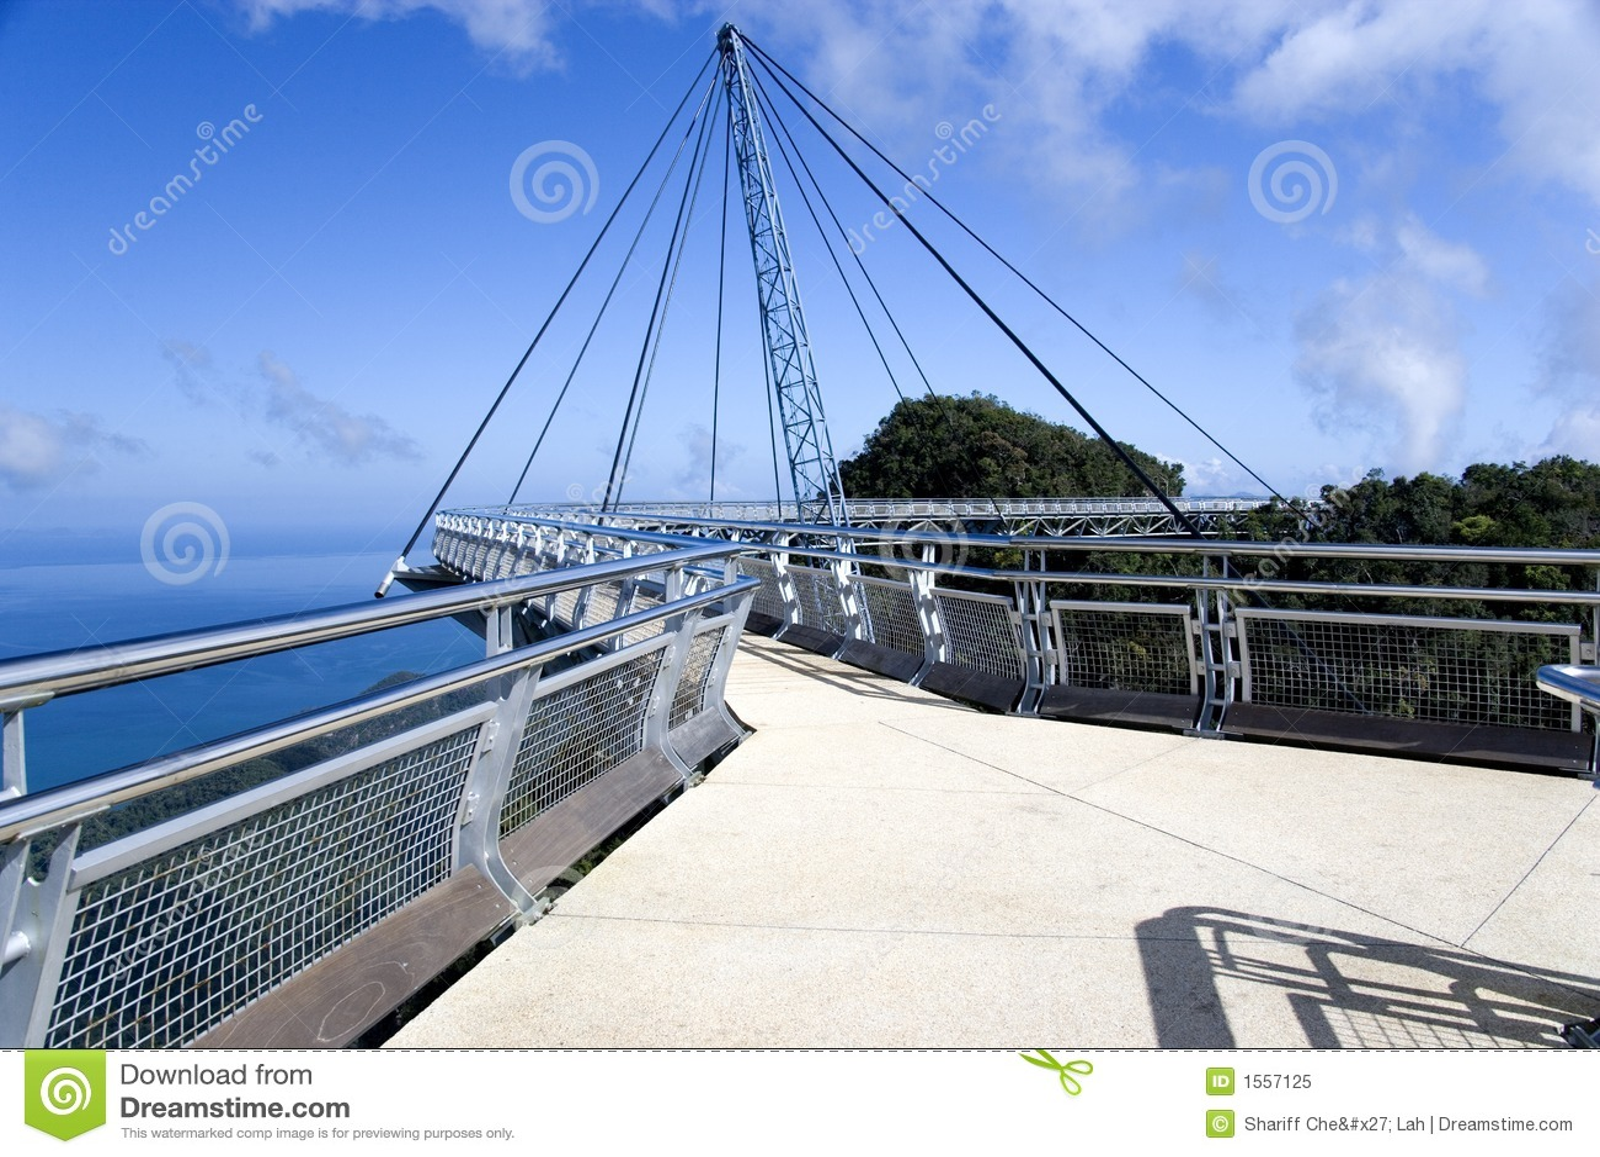 Curved Suspension Bridge stock image  Image of design - 1557125